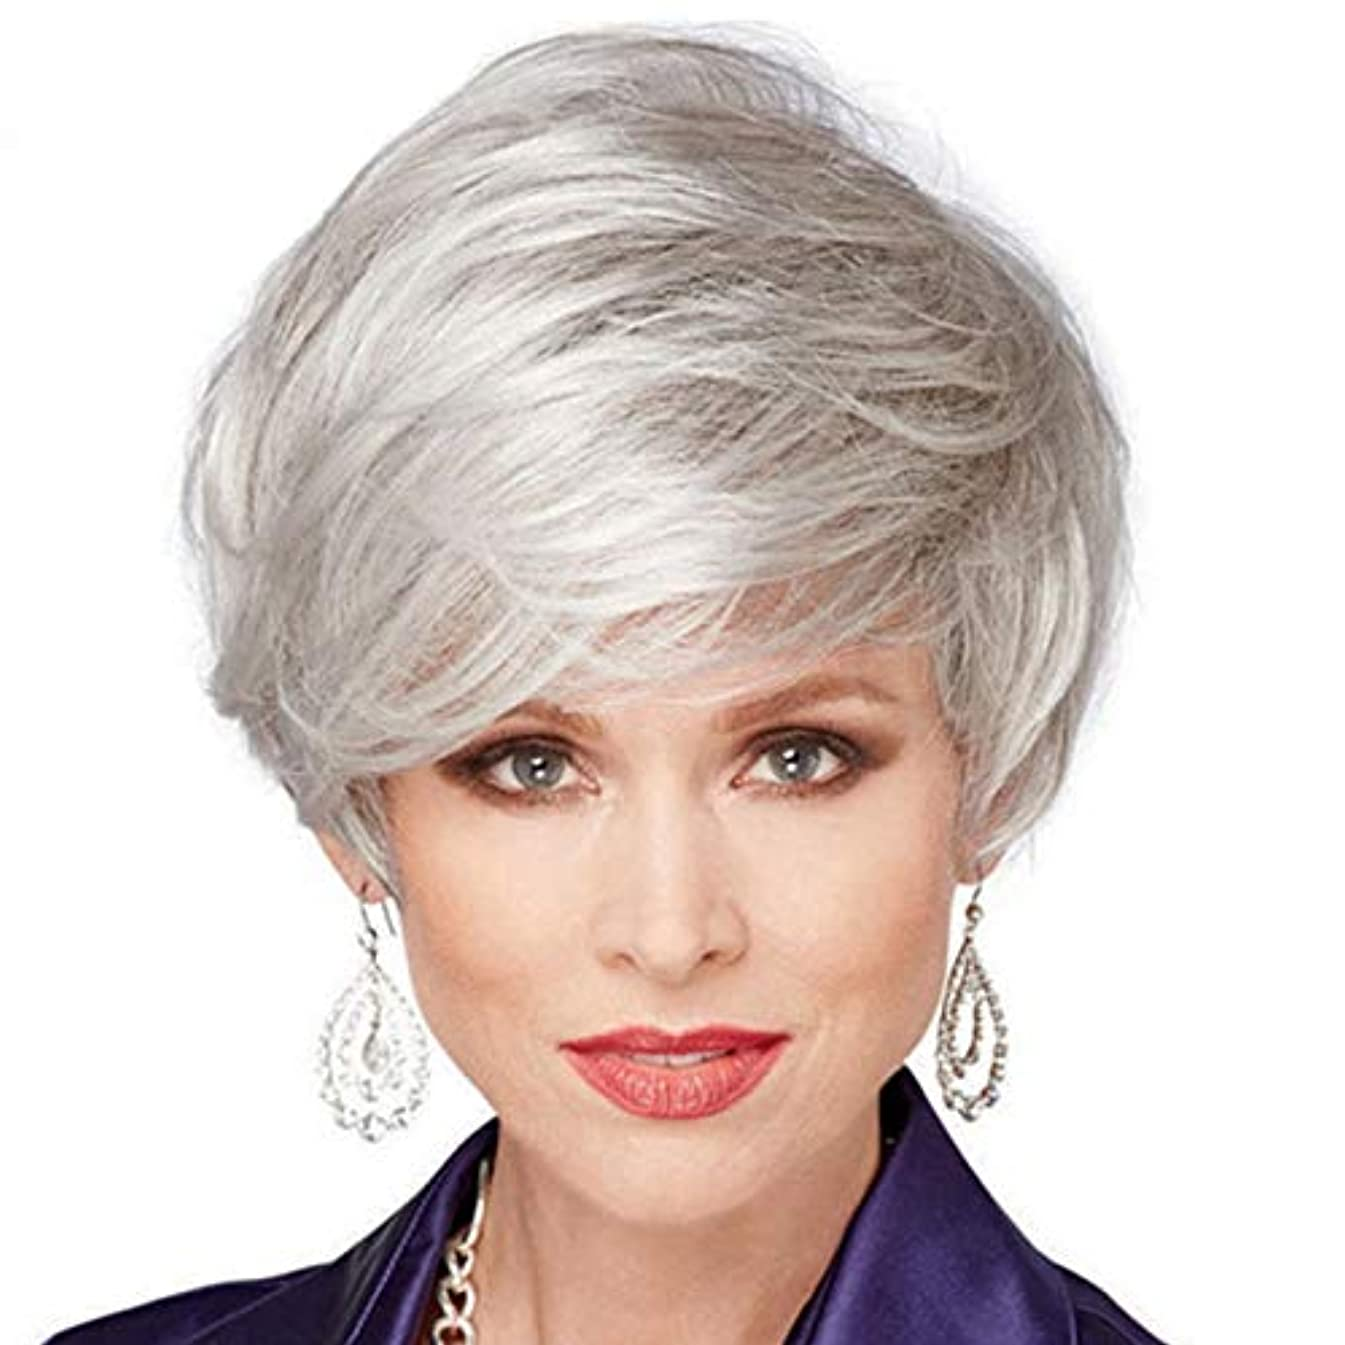 株式バタフライ入札Koloeplf ふわふわストレートショートウィッグ女性のリアルなシルバーグレーの髪中年のハイエンドのかつら偽のかつら (Color : SILVER, Size : 12INCH)